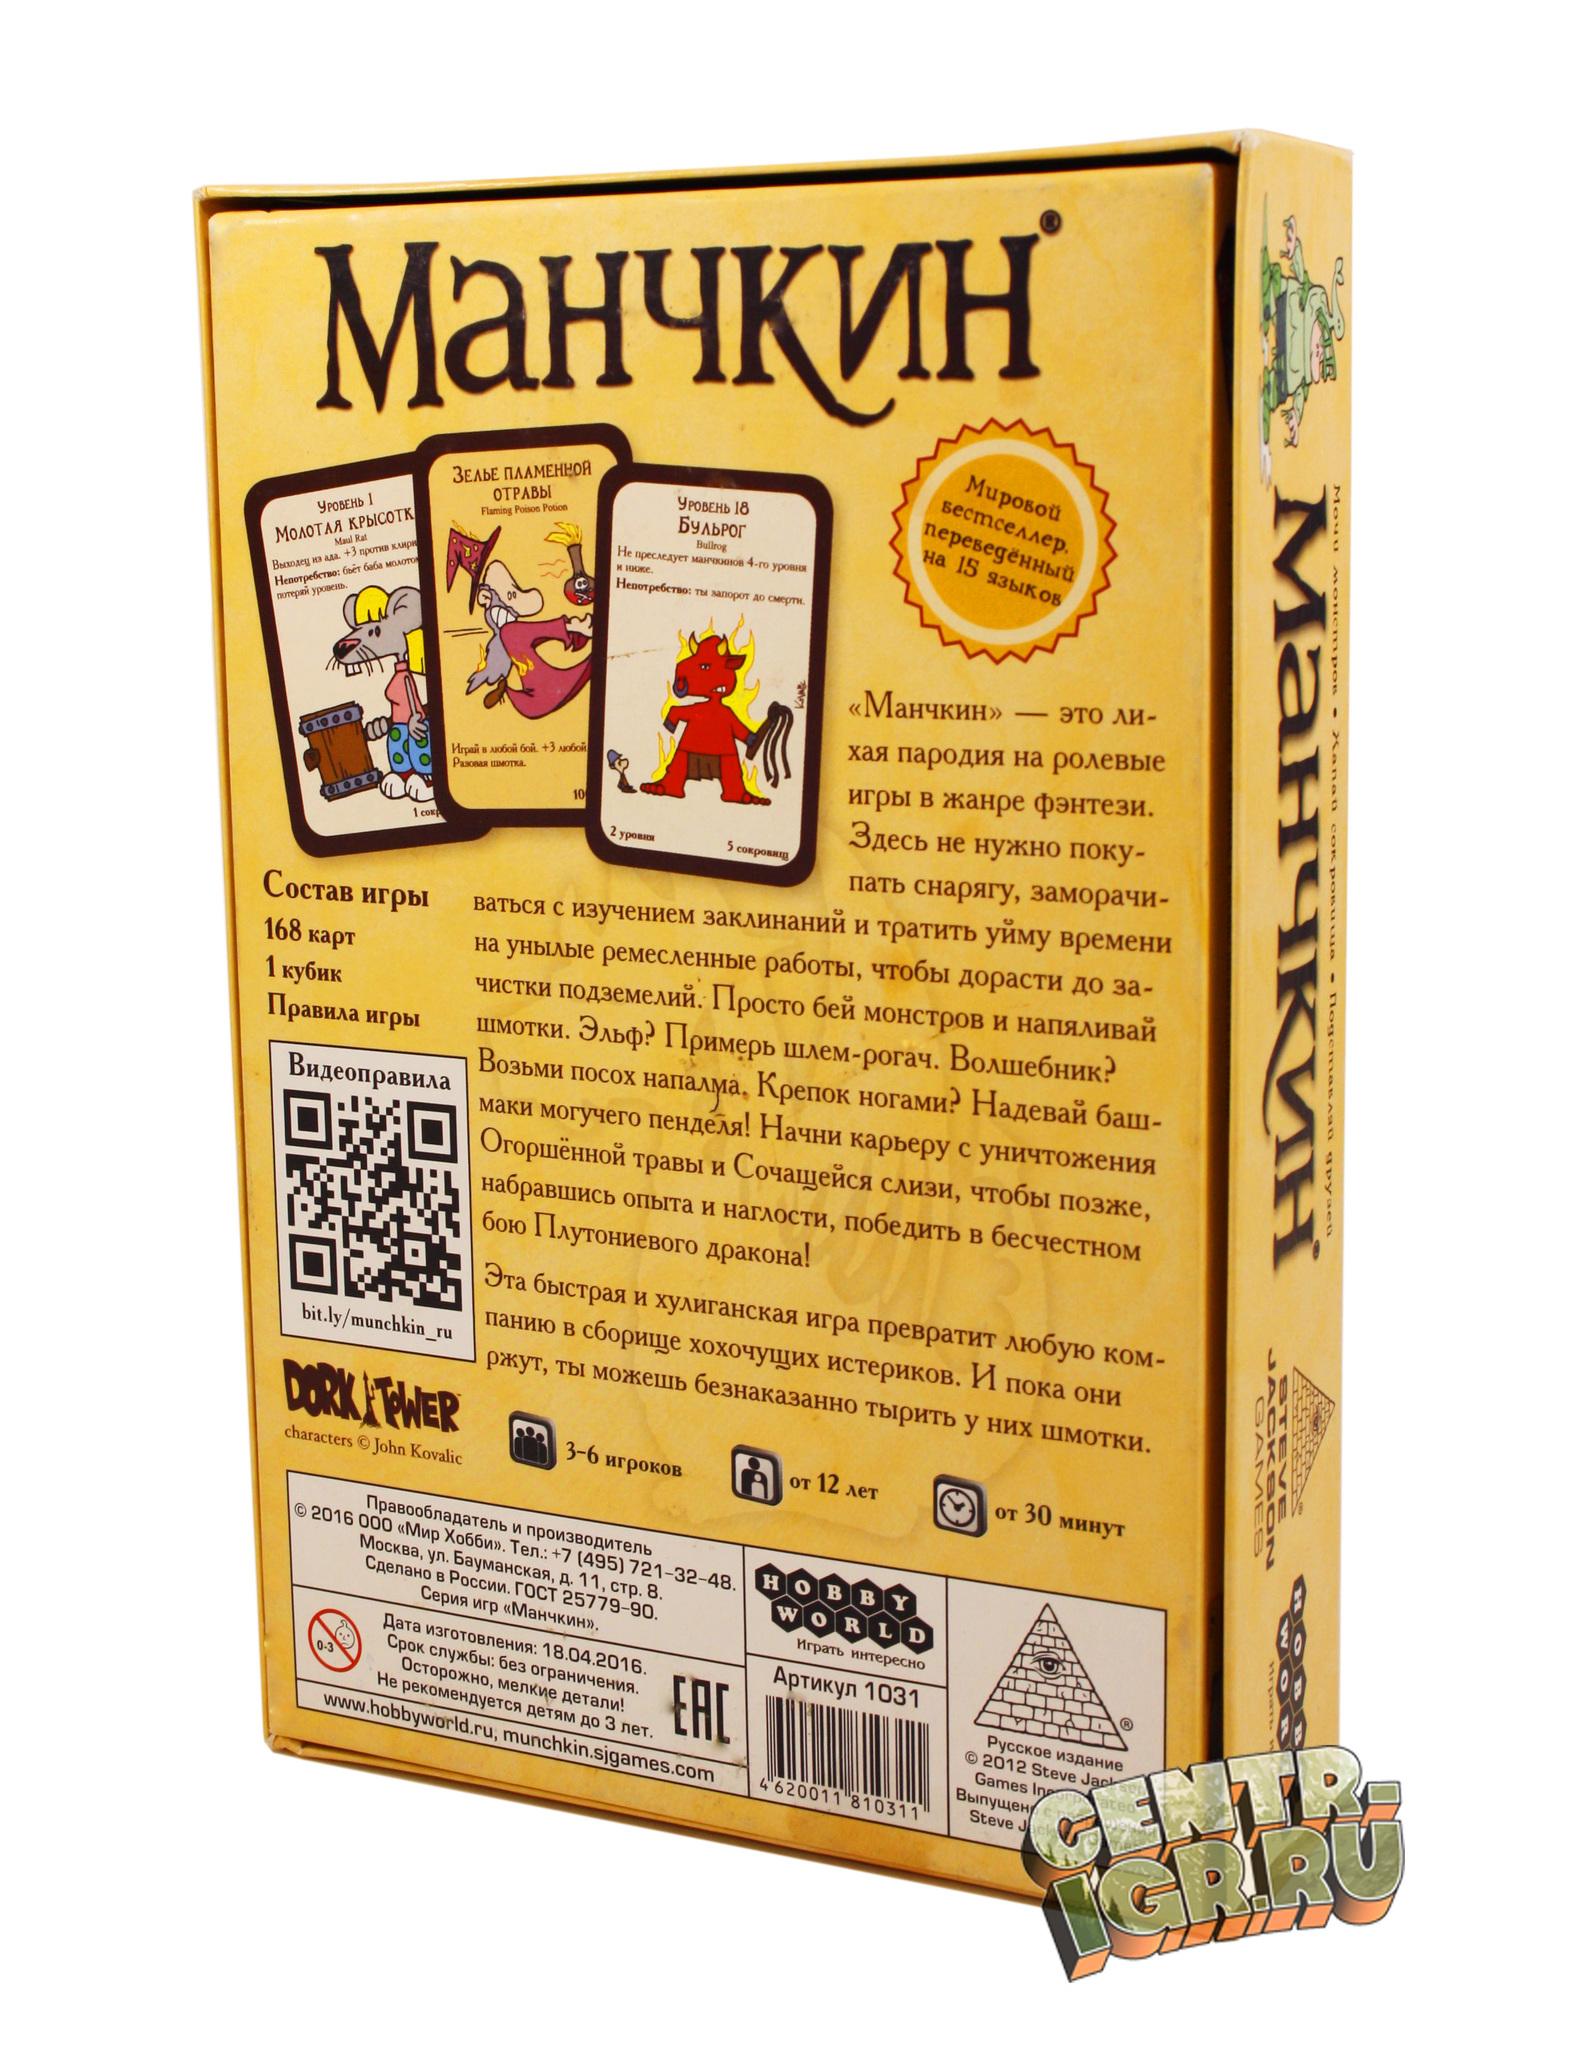 Настольная игра Манчкин (цветная версия, 2-е рус. изд.) - КОРОБКА